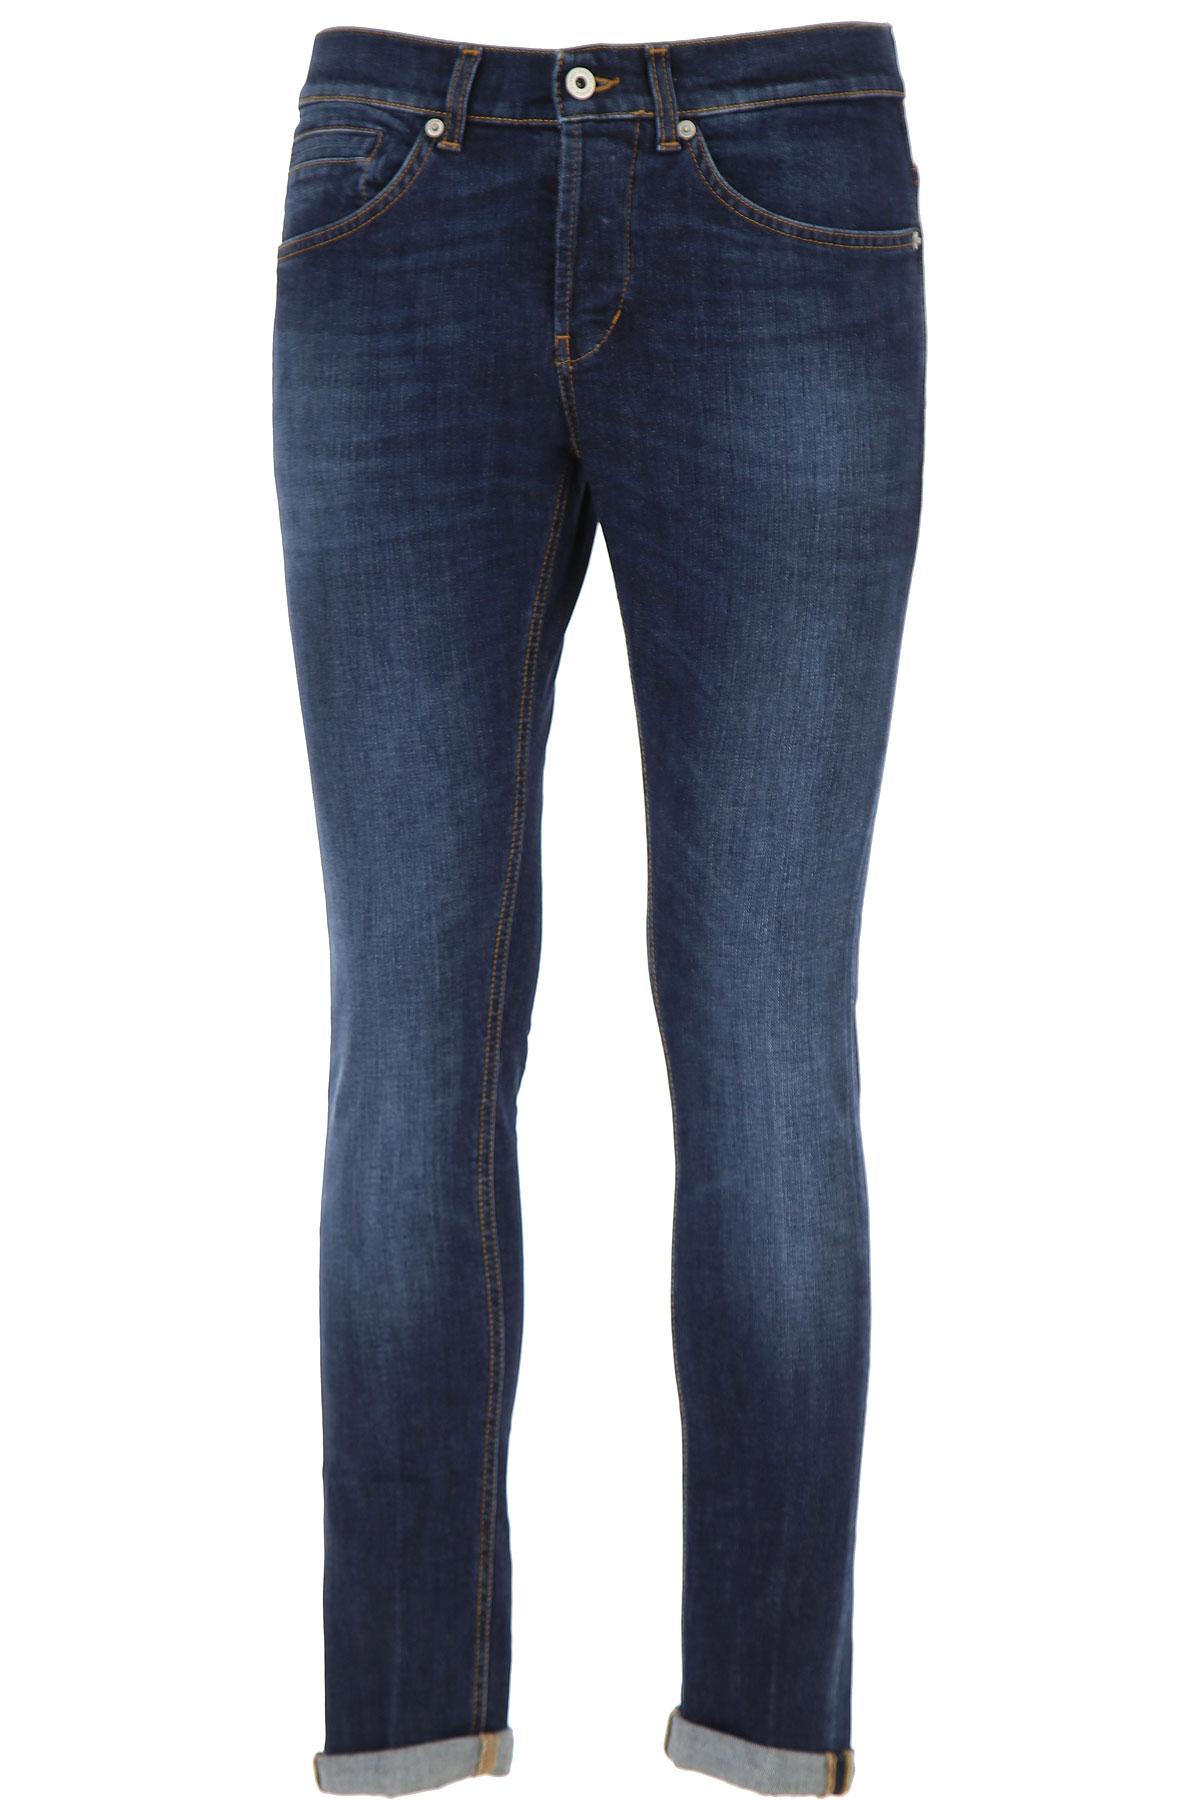 Dondup Jeans, Dark Blue Denim, Cotton, 2019, 35 36 38